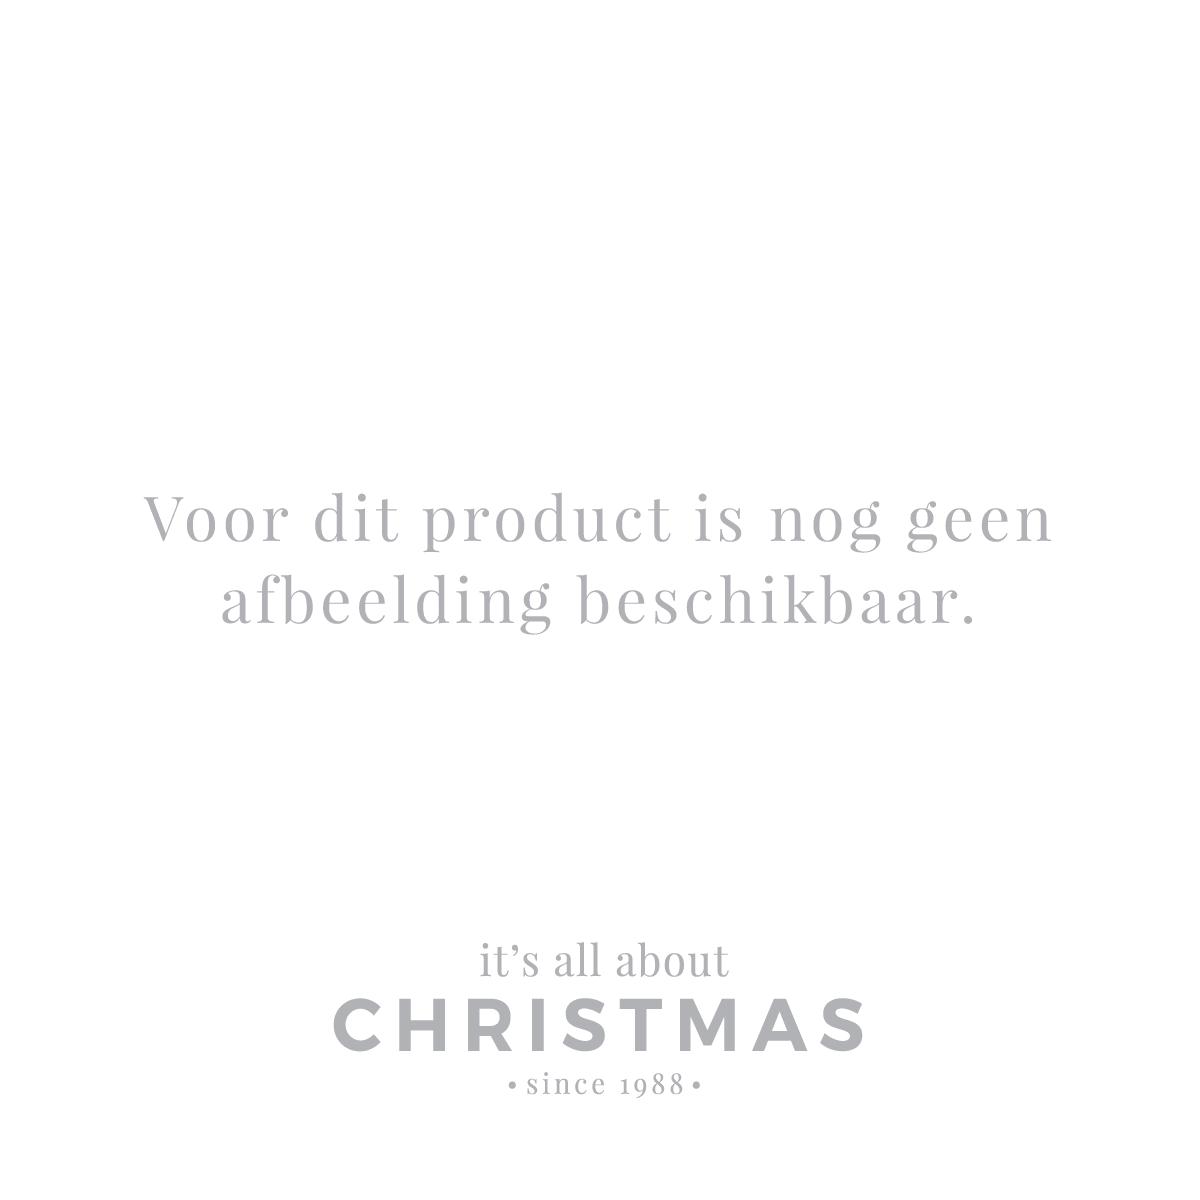 Grote kunststof kerstballen zilver 44 stuks